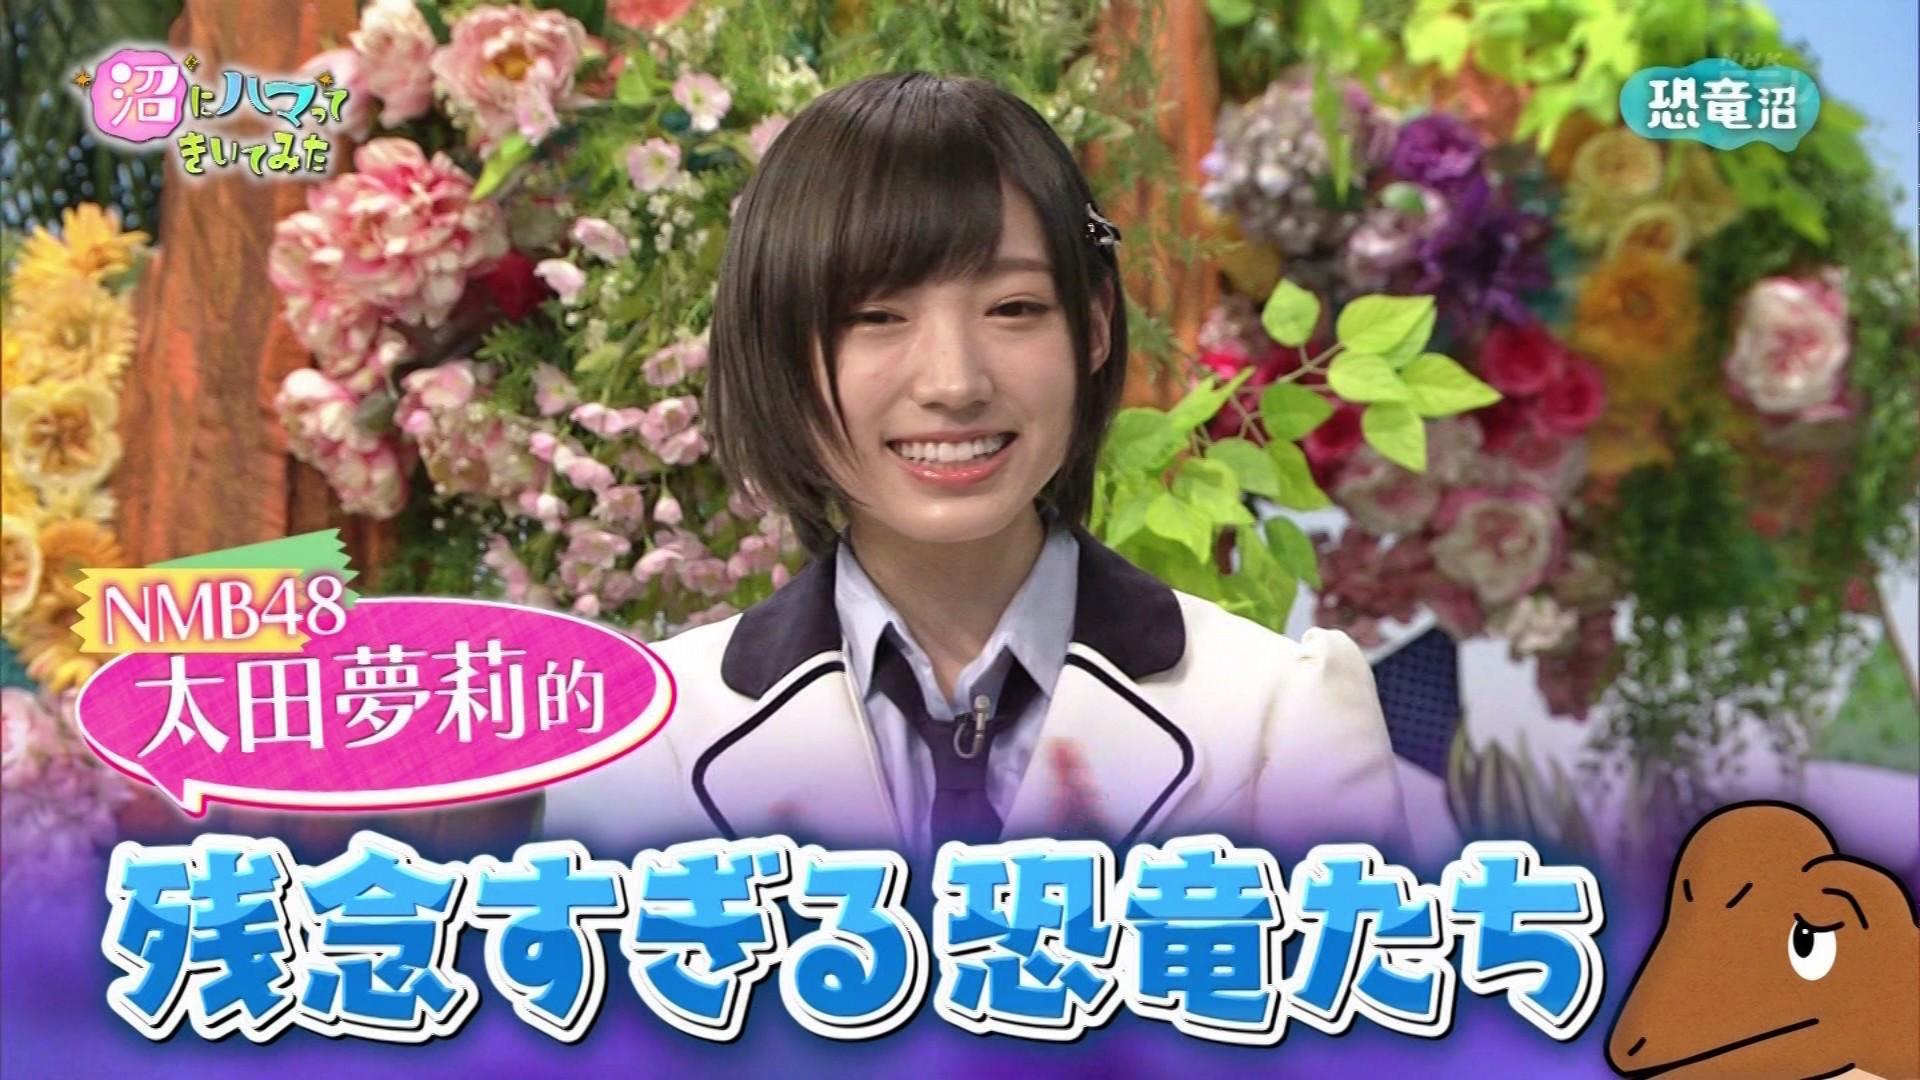 【太田夢莉】ゆーり出演・11/26にNHK Eテレで放送された「沼にハマってきいてみた」の画像。恐竜沼